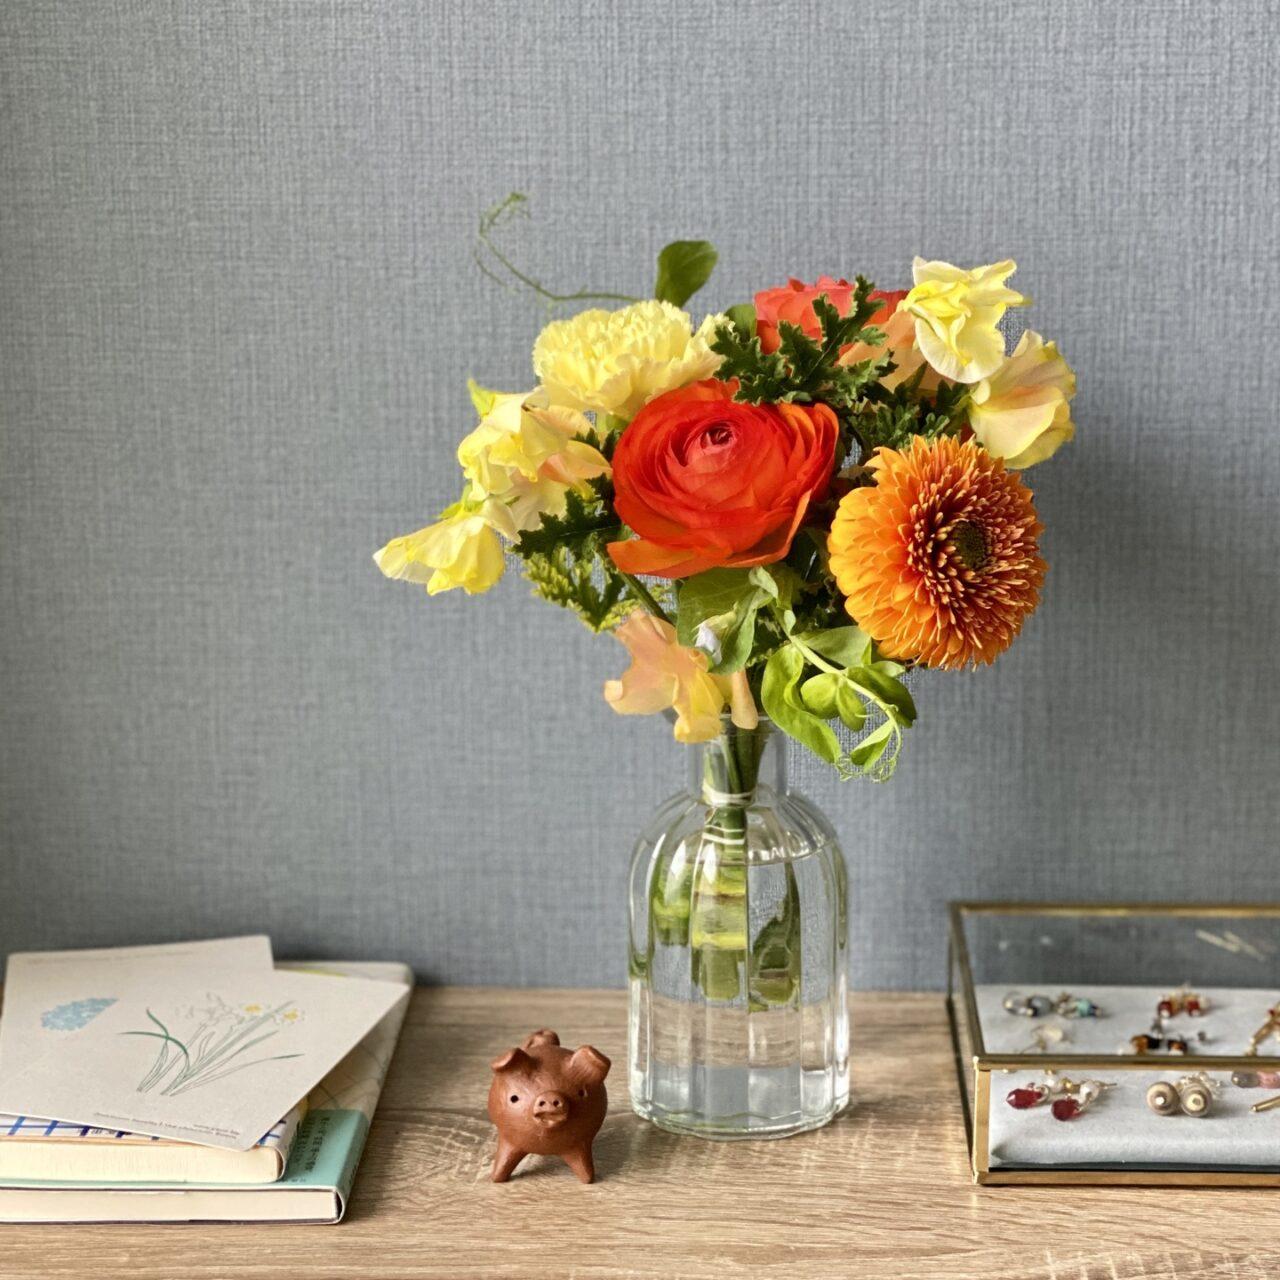 結婚祝い ブーケ 花束 贈り物 プレゼント 飾り 花のある暮らし フラワーベース